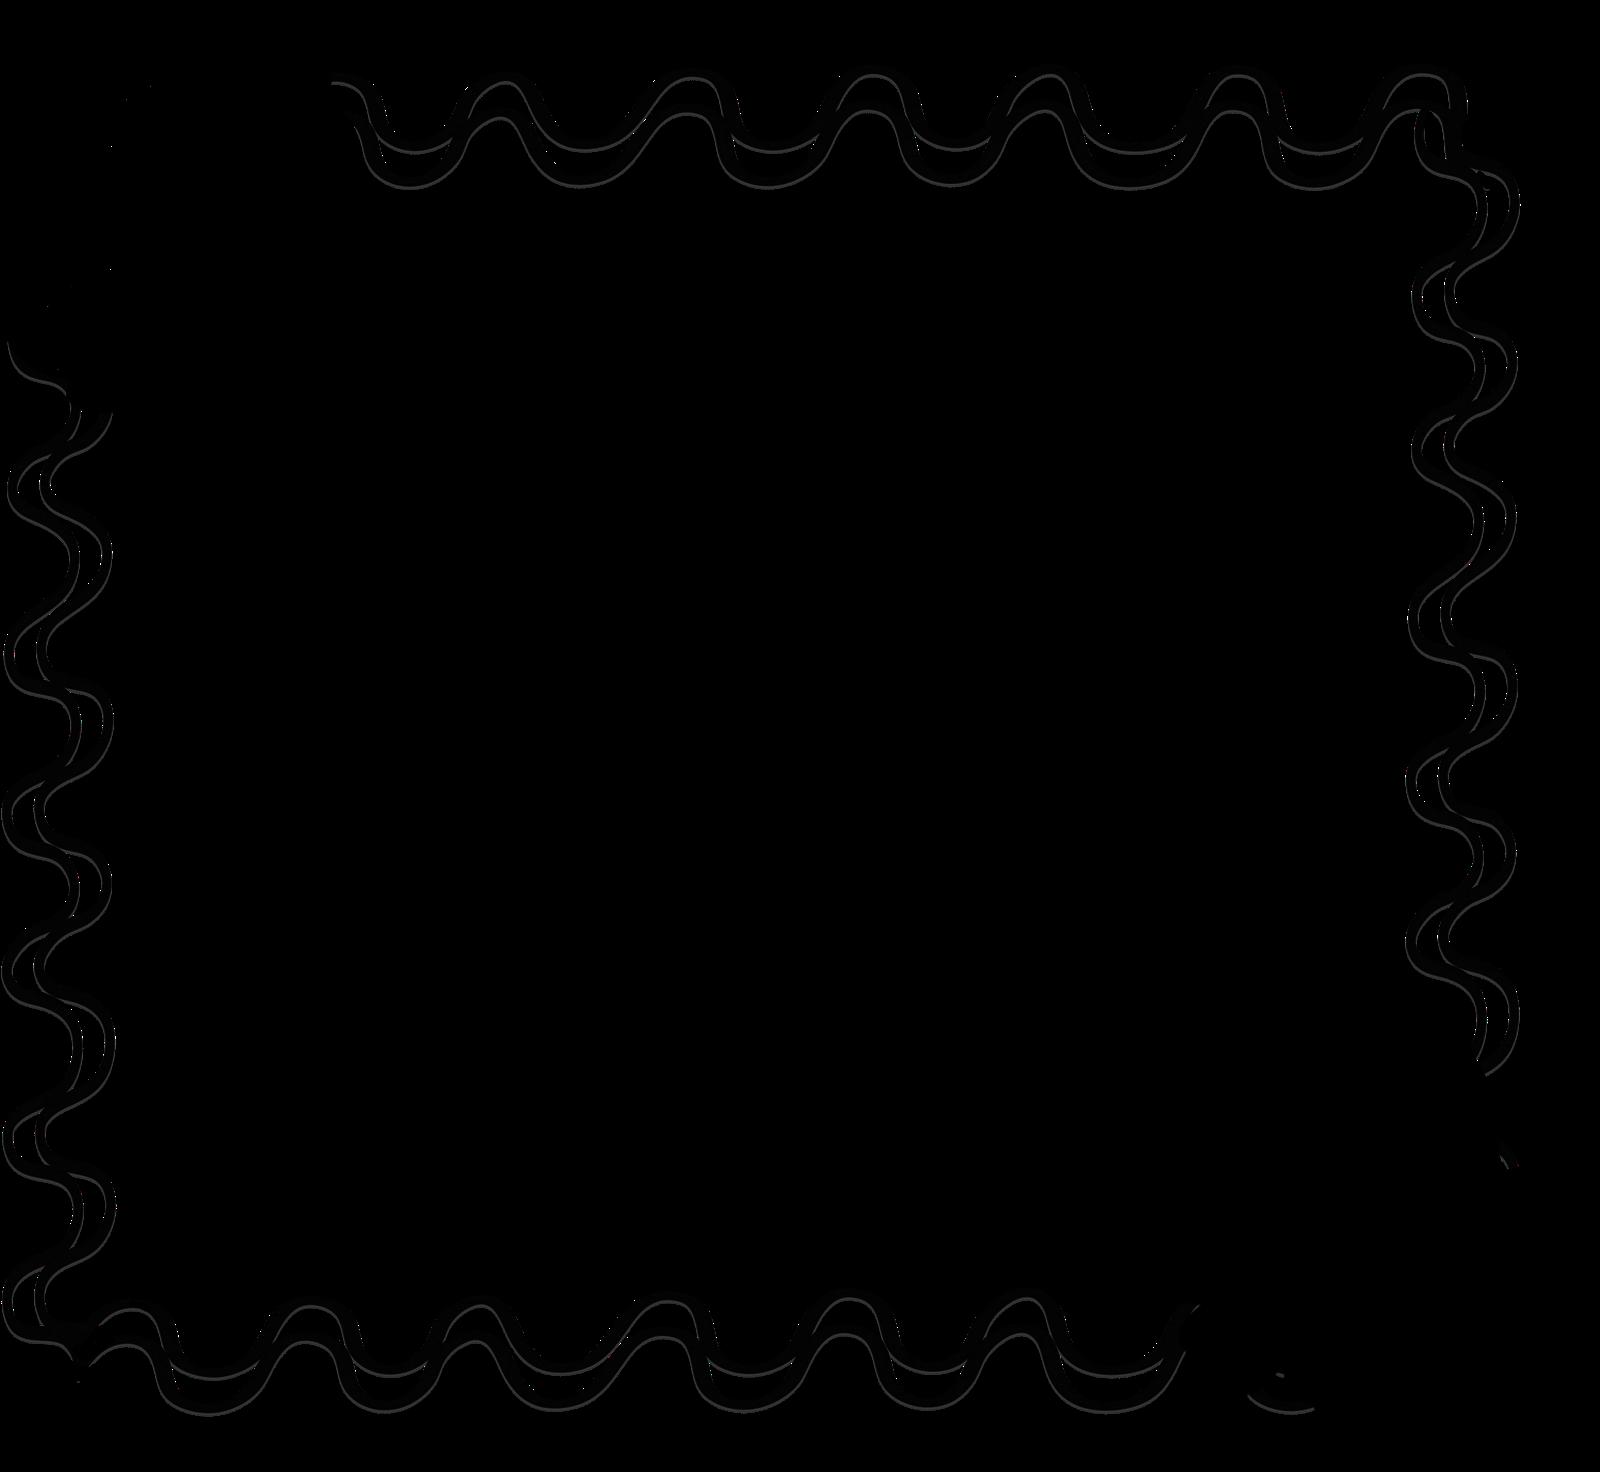 1600x1472 knumathise Rose Clip Art Black And White Border Images